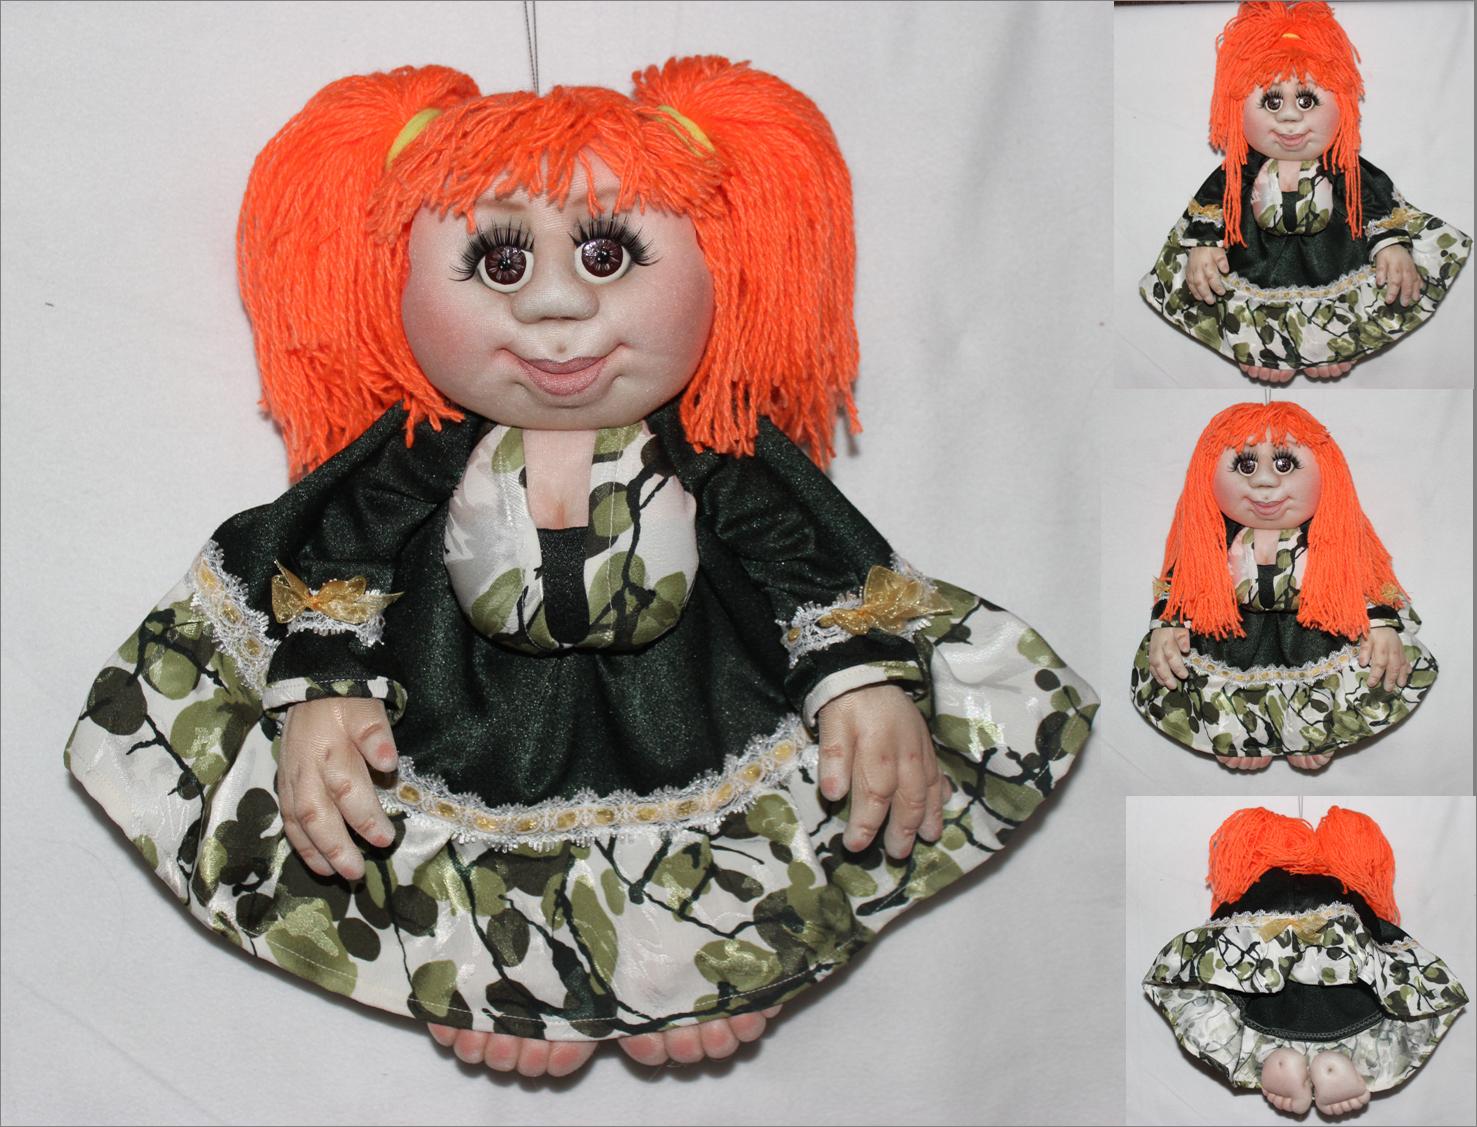 Кукла -оберег на счастье: мастер-класс по изготовлению своими руками 26